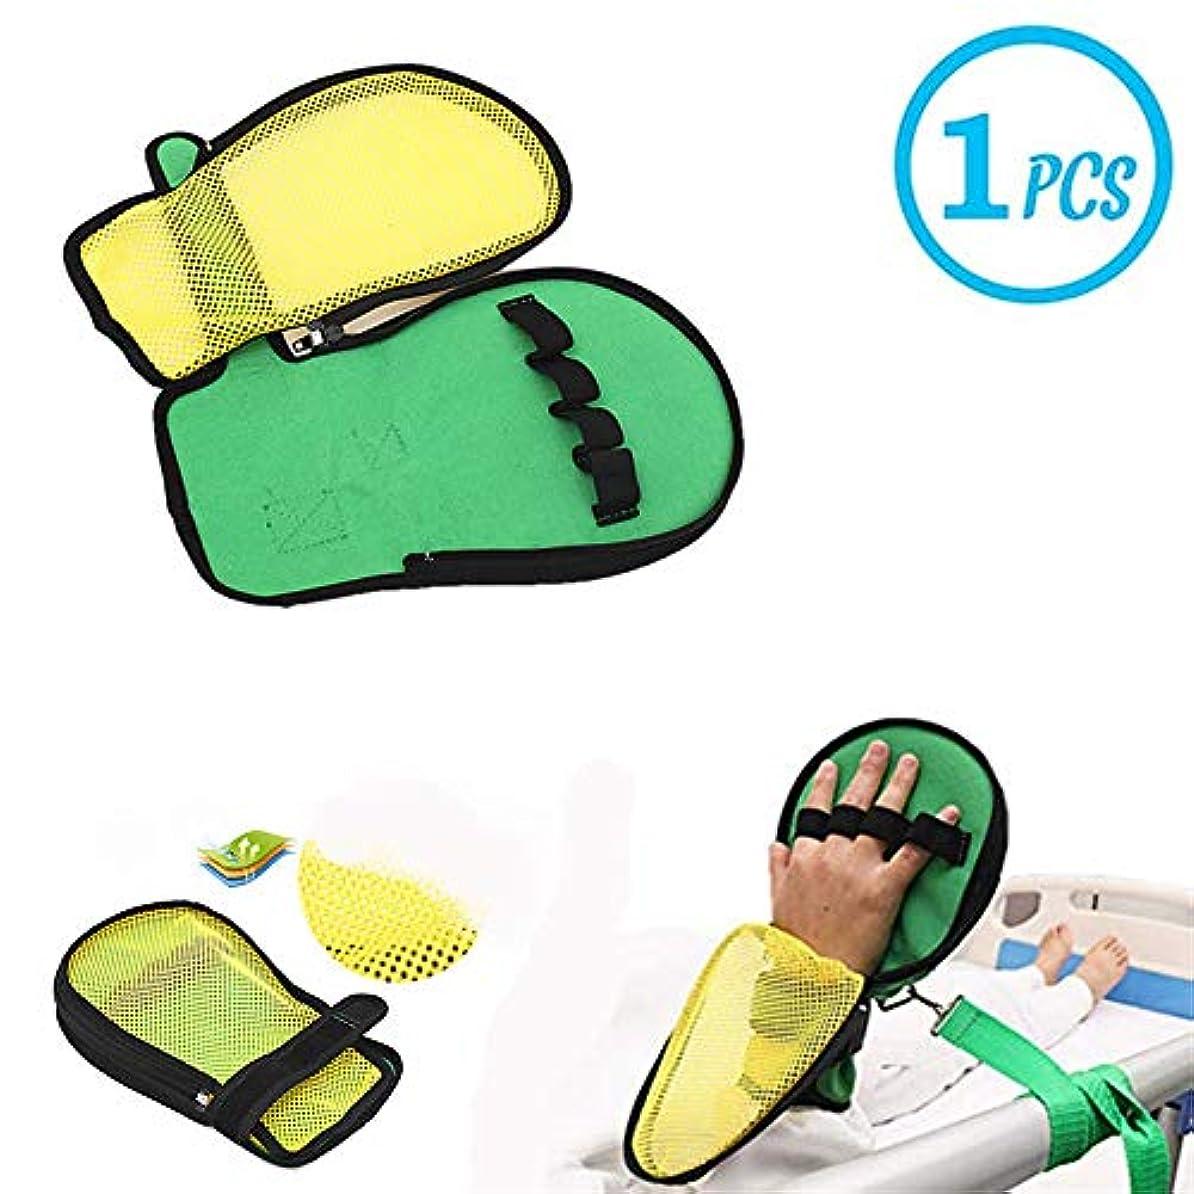 どんよりした不和ロボット指の損傷、ユニバーサルサイズ、片面イエローグリーンサイドを防ぐために、フィンガーコントロール手袋、ハンドパッド